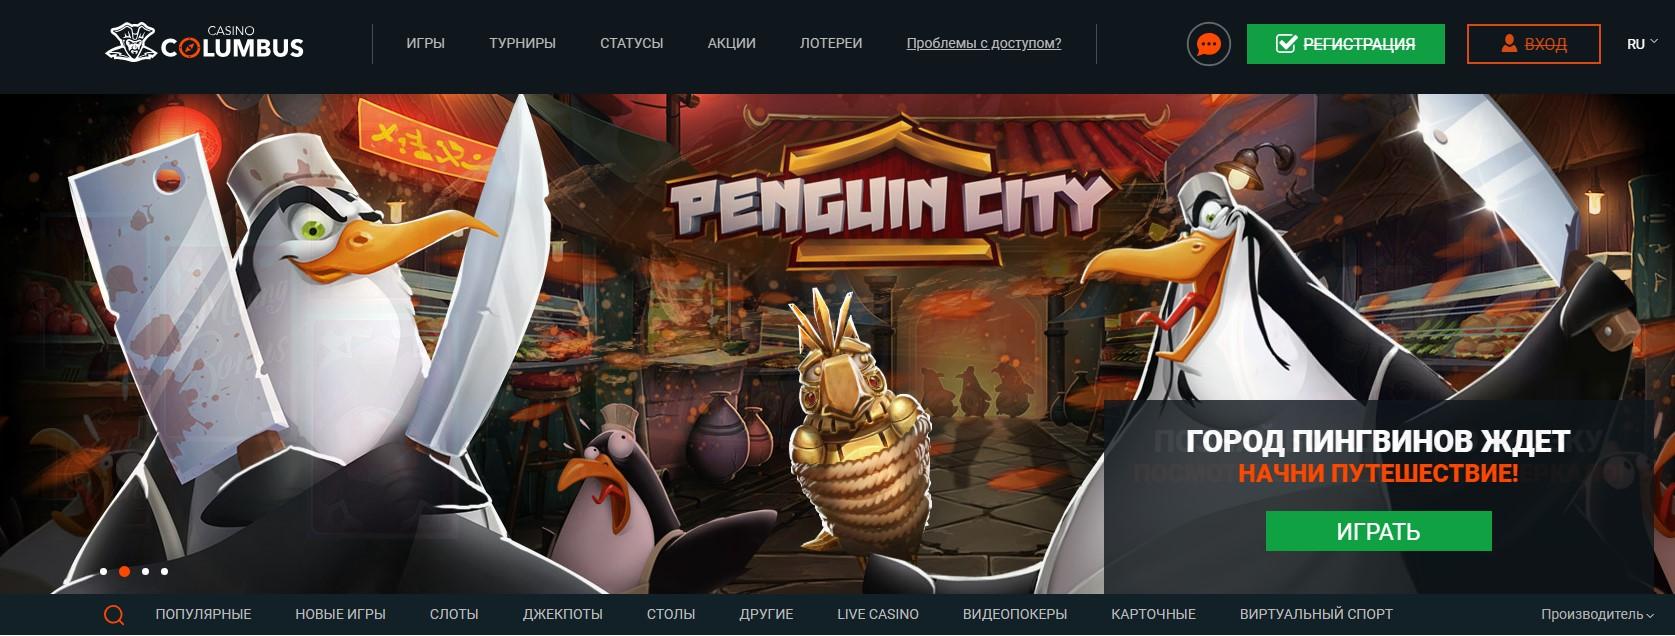 официальный сайт казино columbus официальный сайт